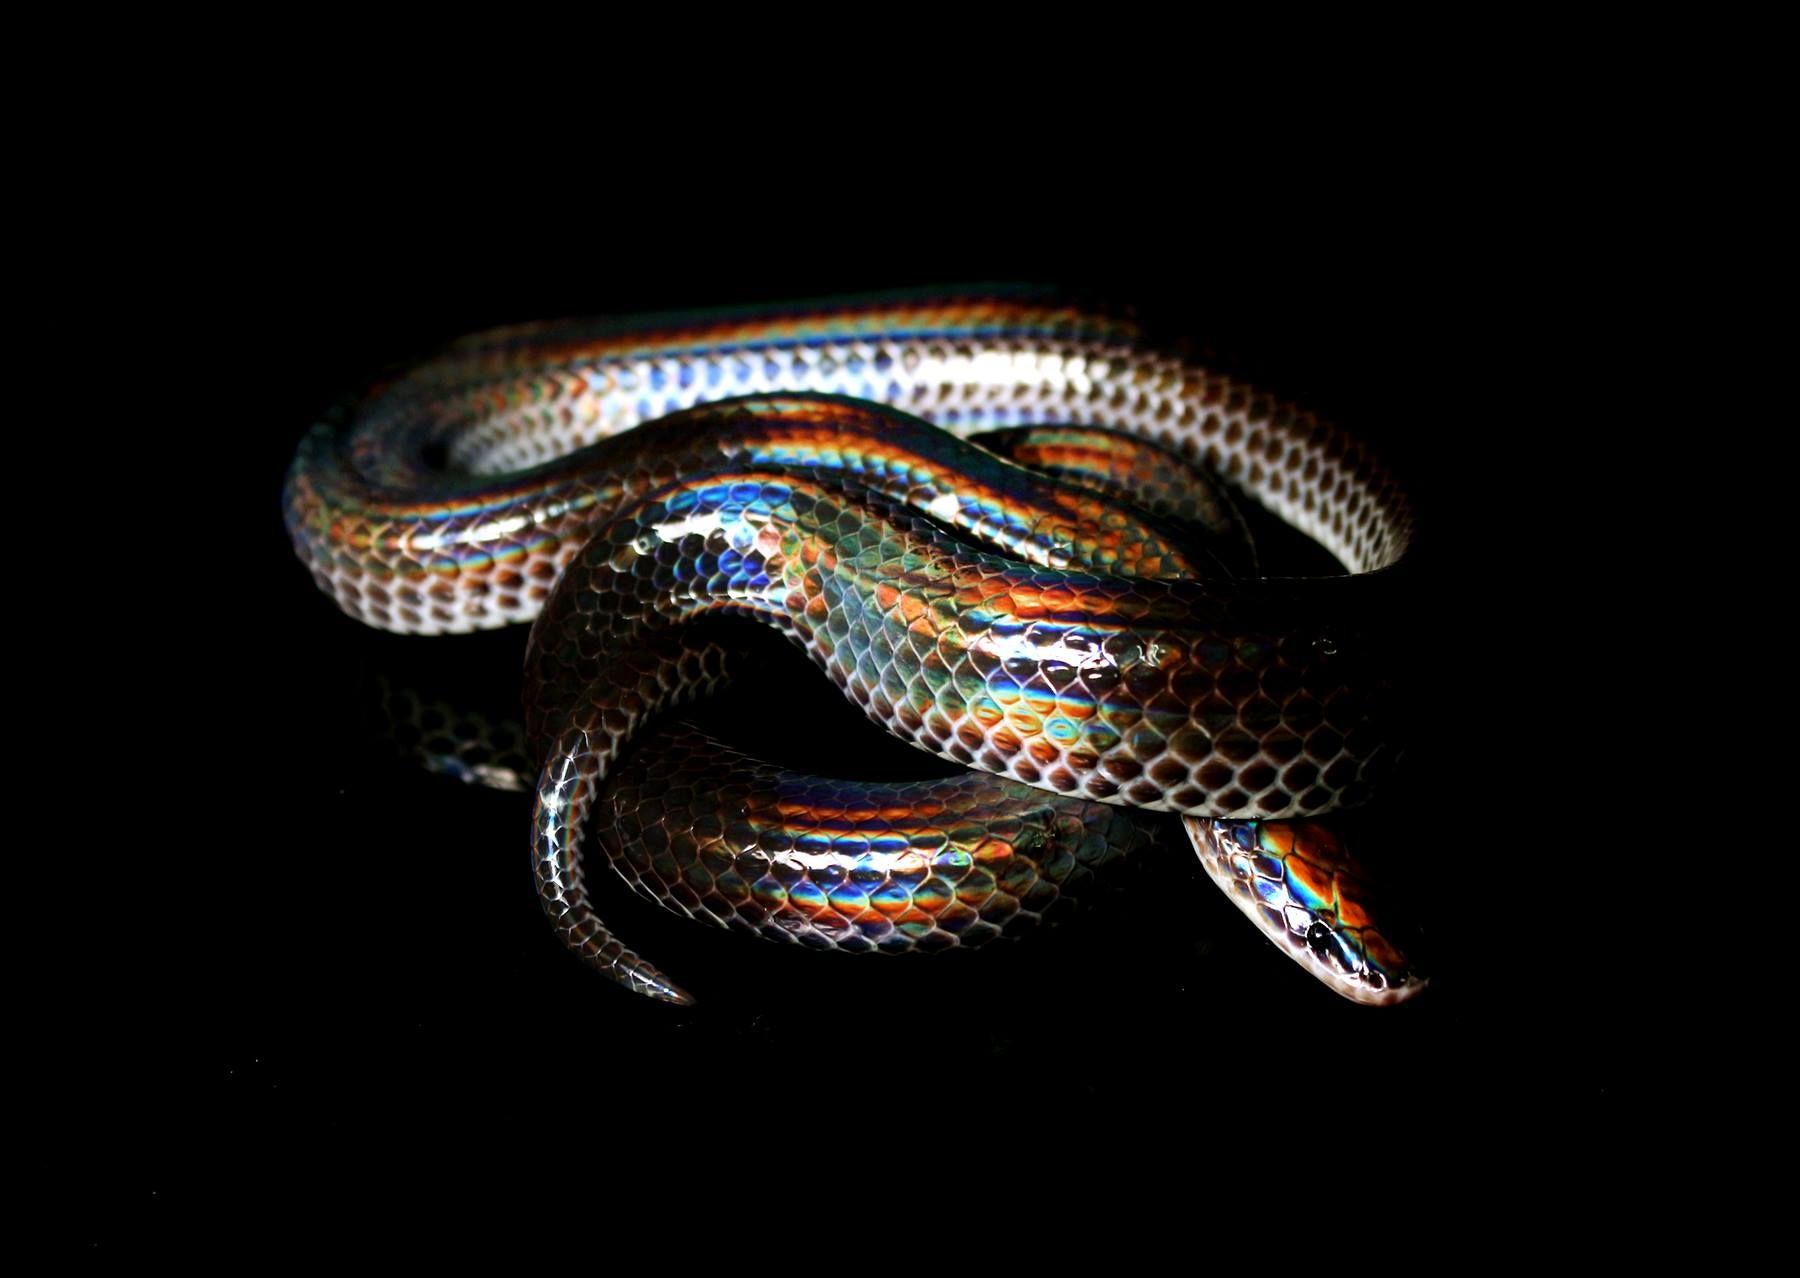 зона сложными красивые картинки змей с золотом лучших